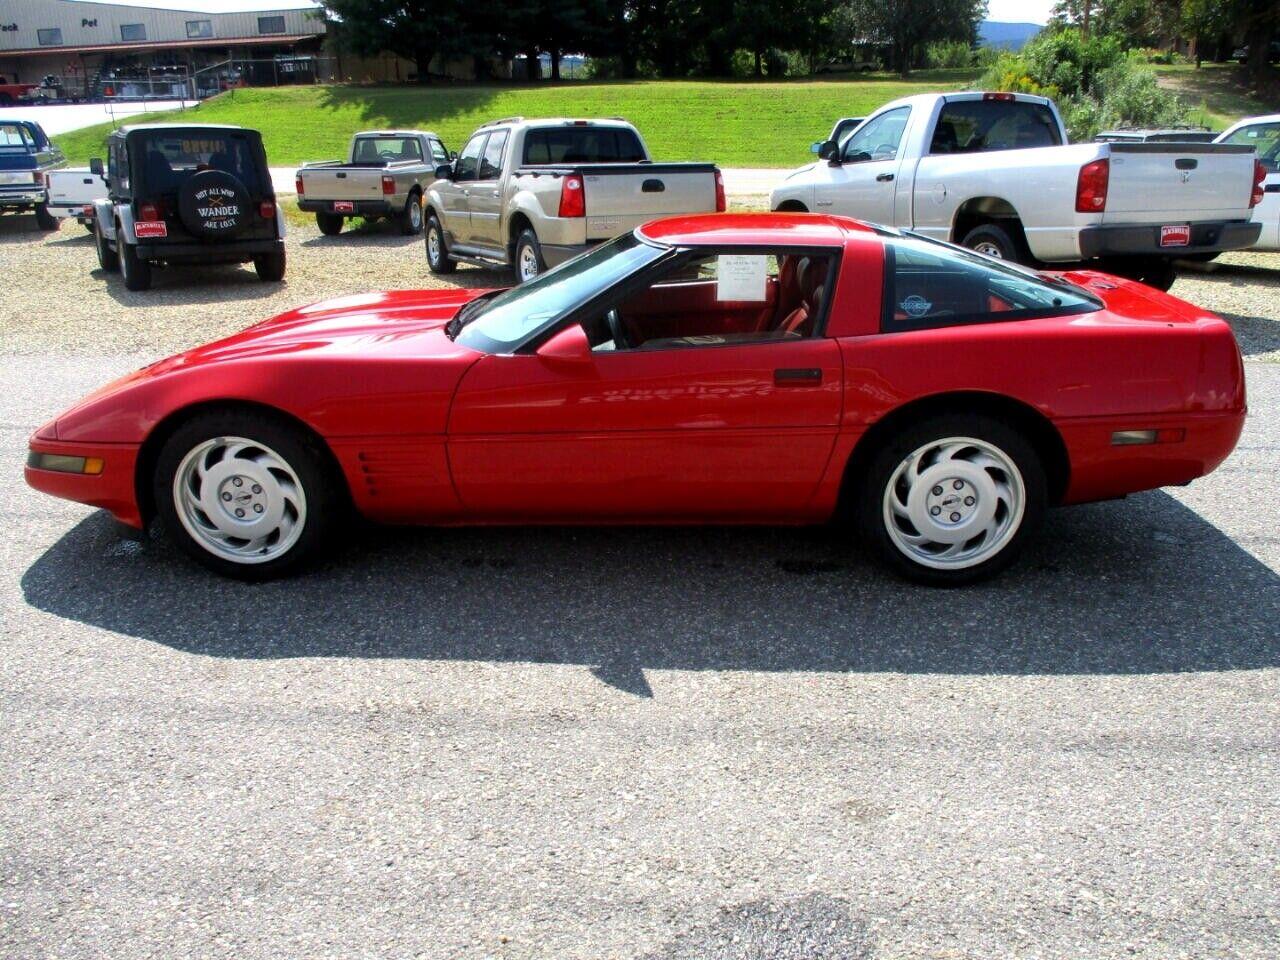 1991 Red Chevrolet Corvette Coupe  | C4 Corvette Photo 6